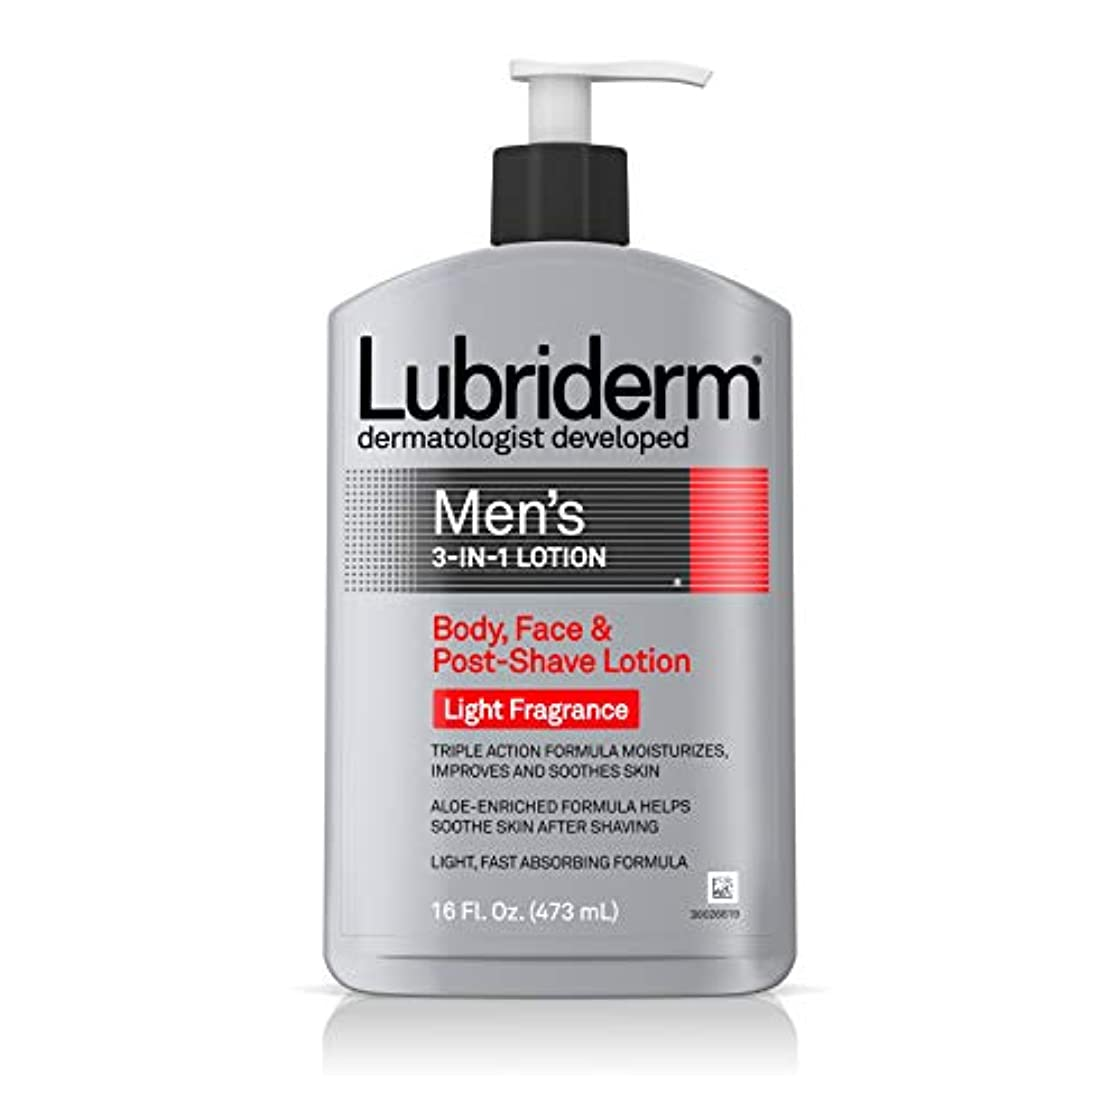 回復するクレデンシャル満足Lubriderm メンズ3-IN-1ボディローションライトフレグランスで、16フロリダ。オズ